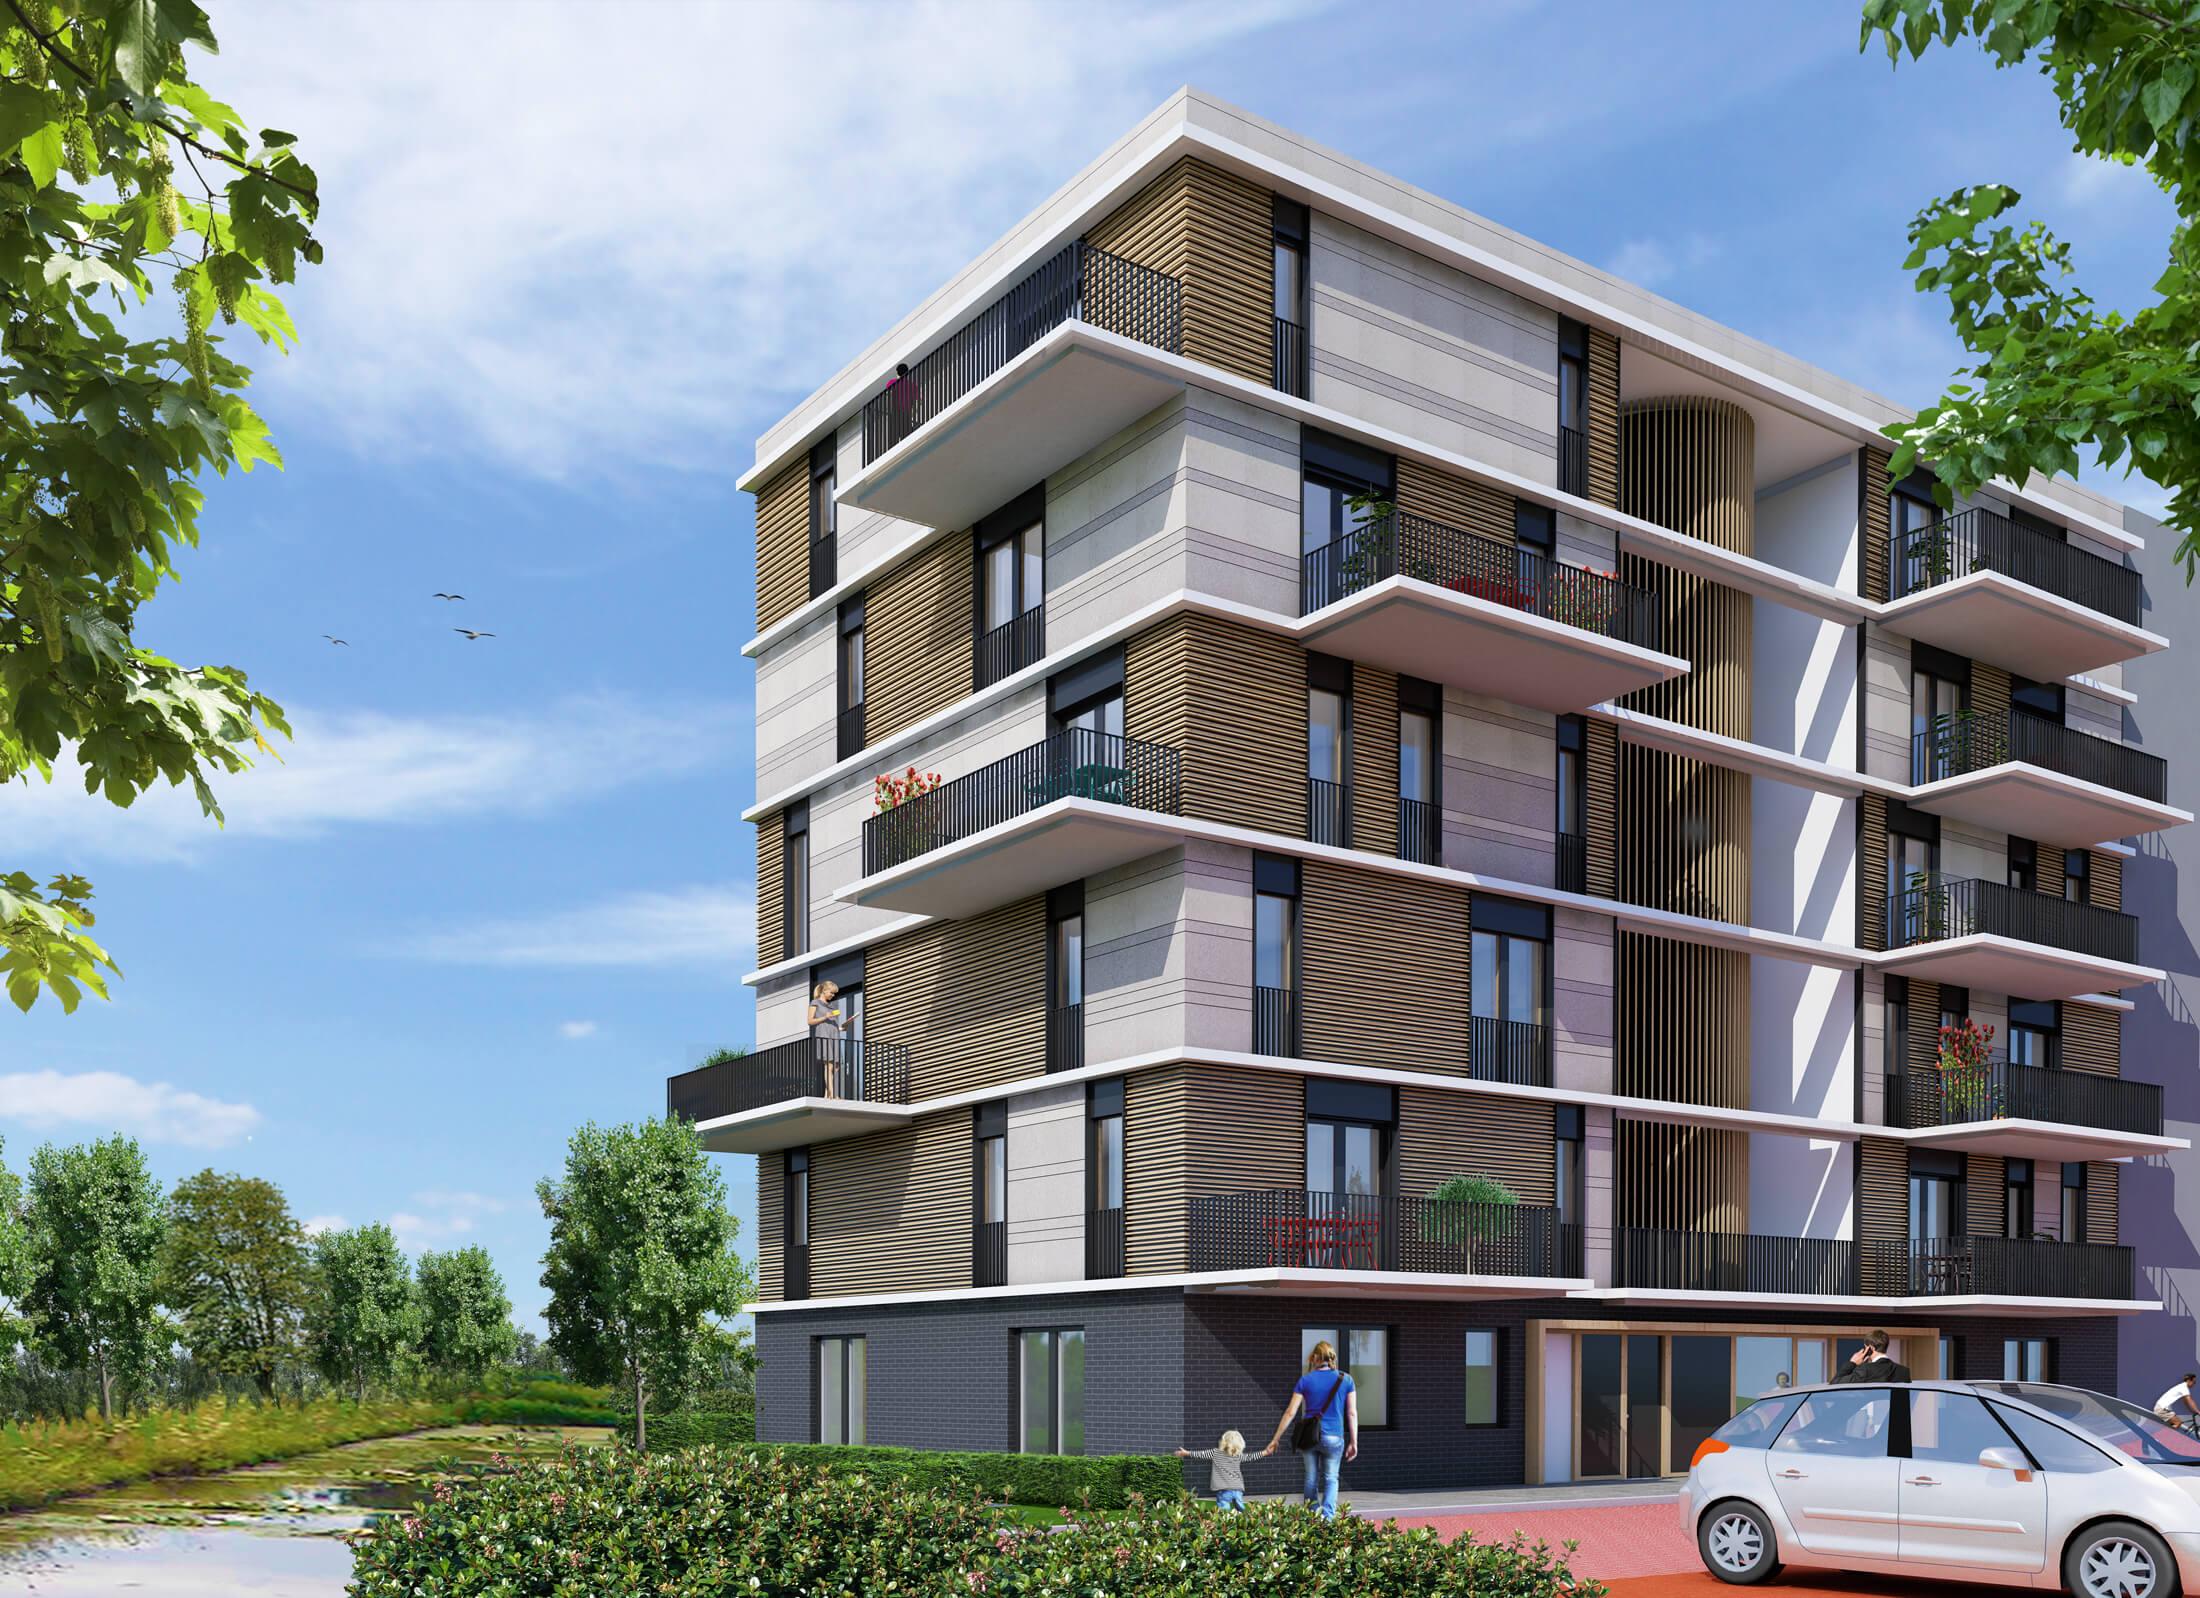 Nieuwbouw 12 appartementen Escampstaete te Tilburg